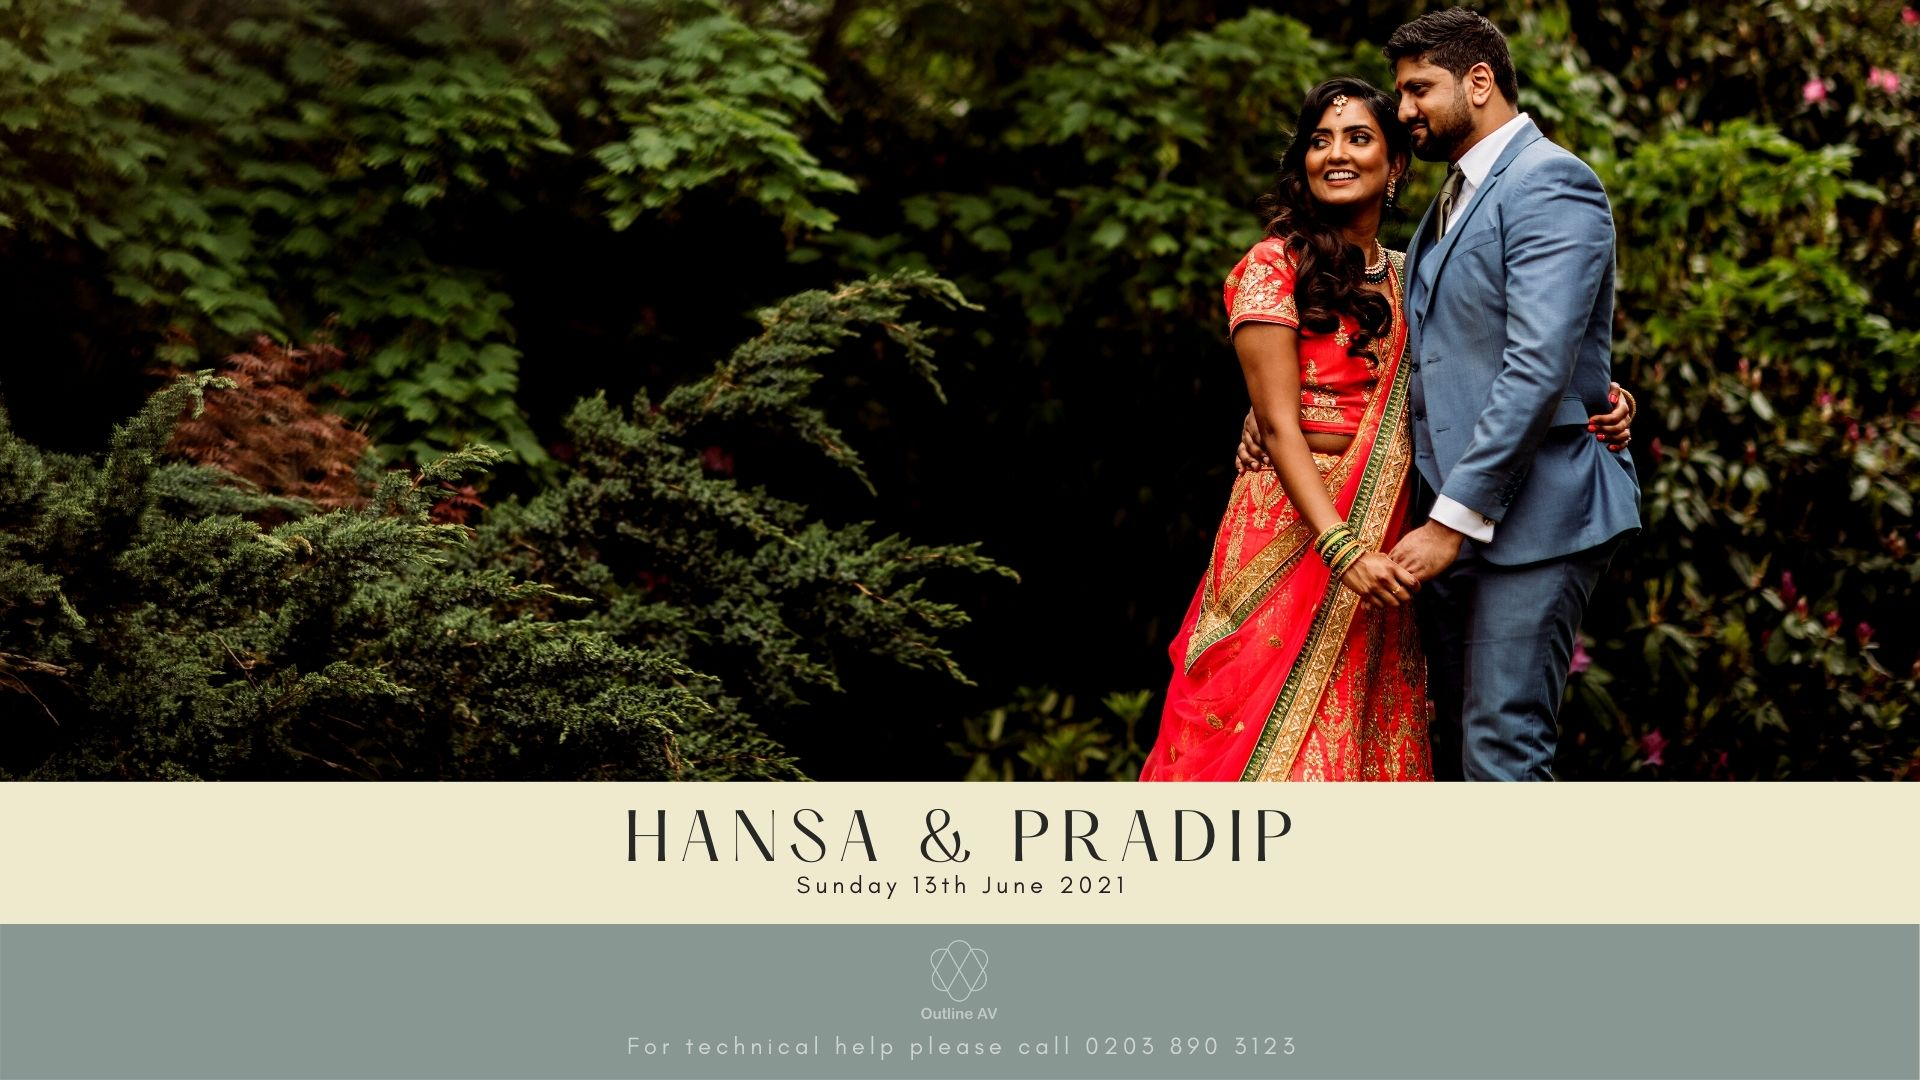 Hansa & Pradeep - Live Stream